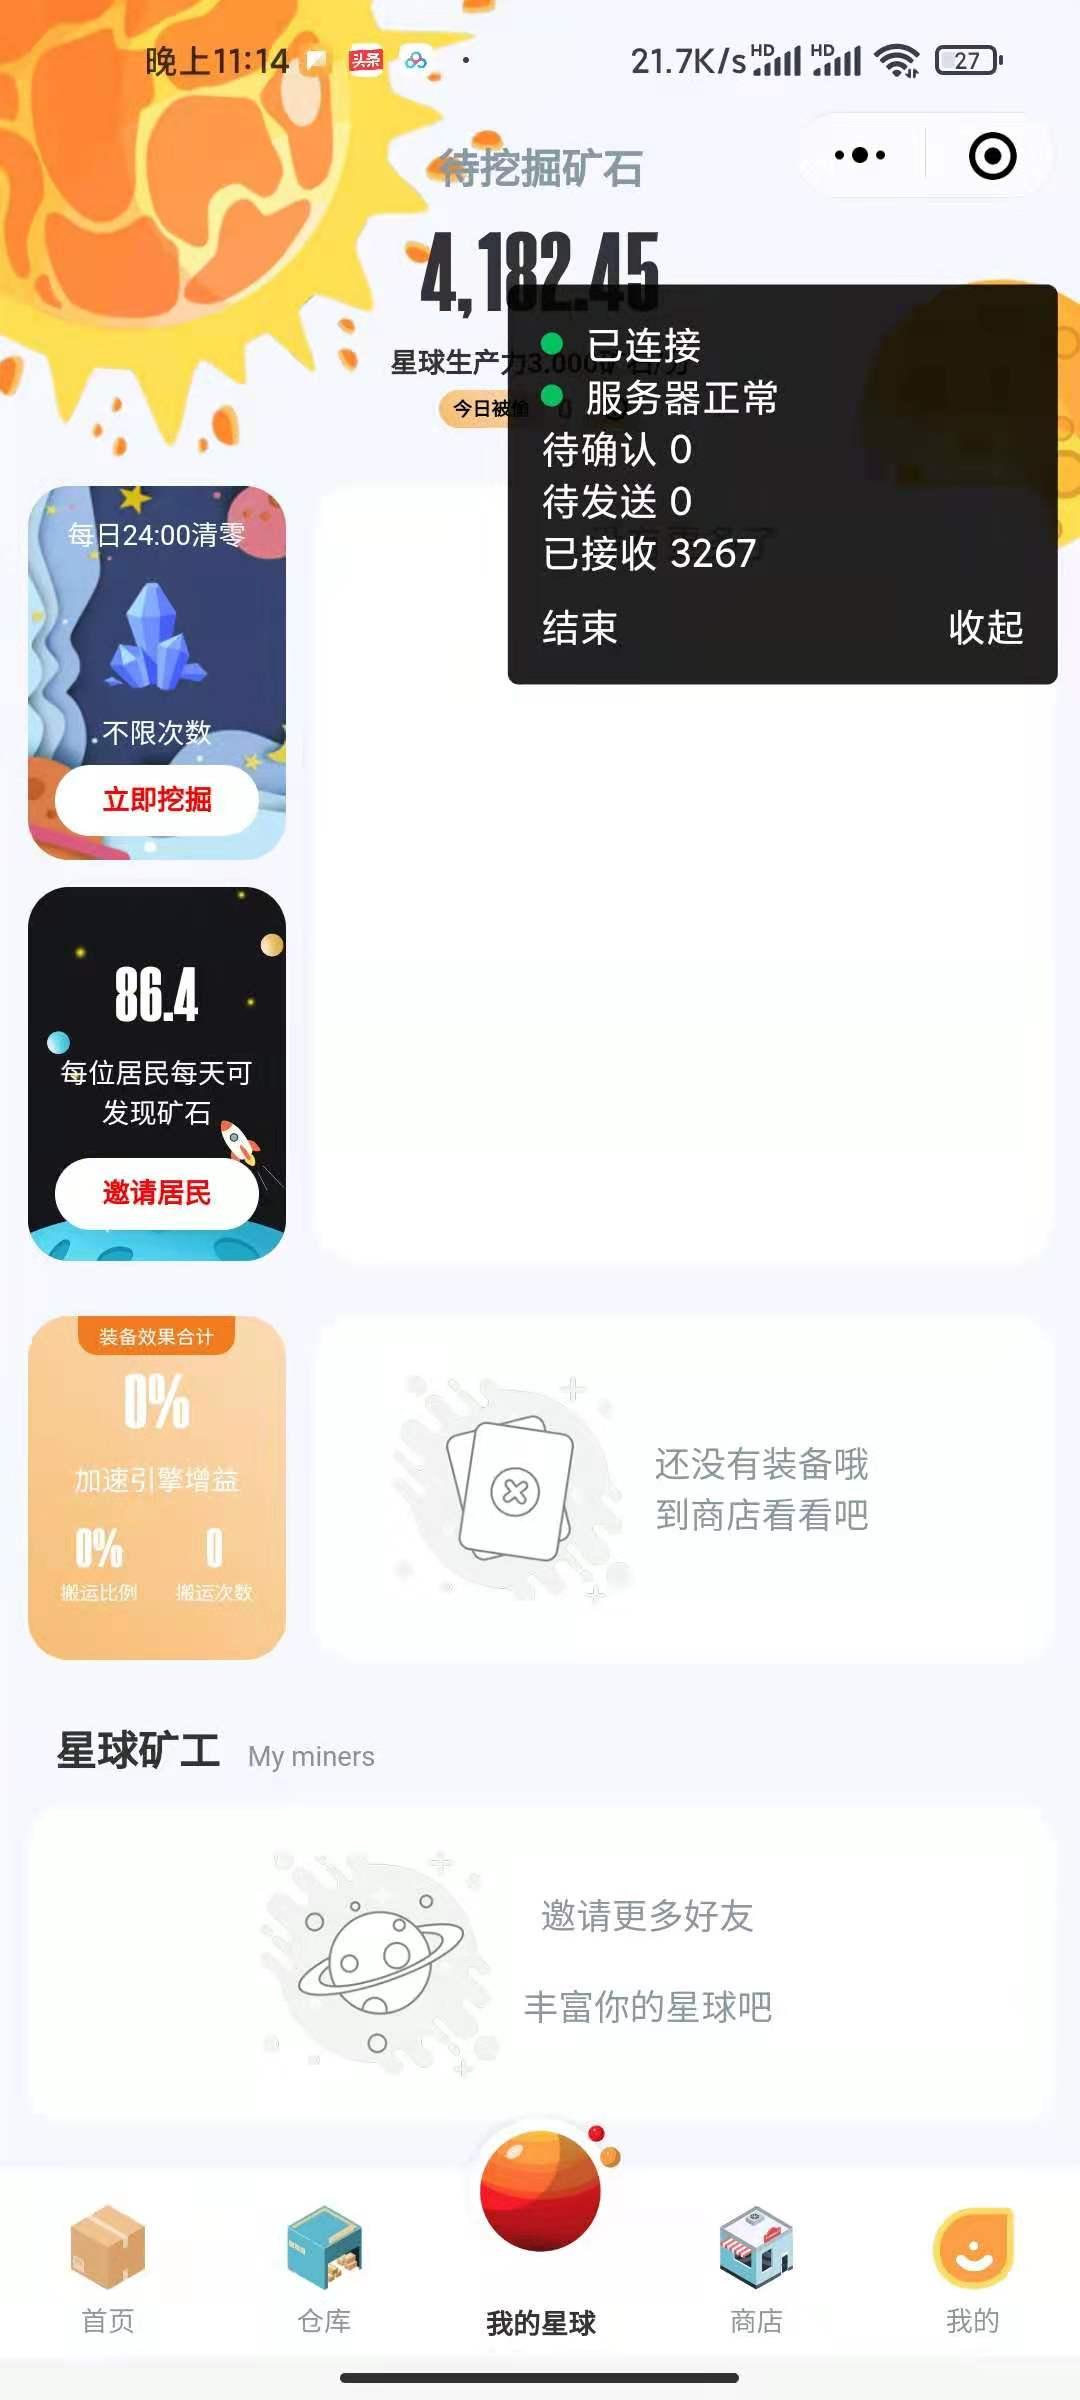 【已测试】大河抽奖盲盒小程序运营版1.0.9